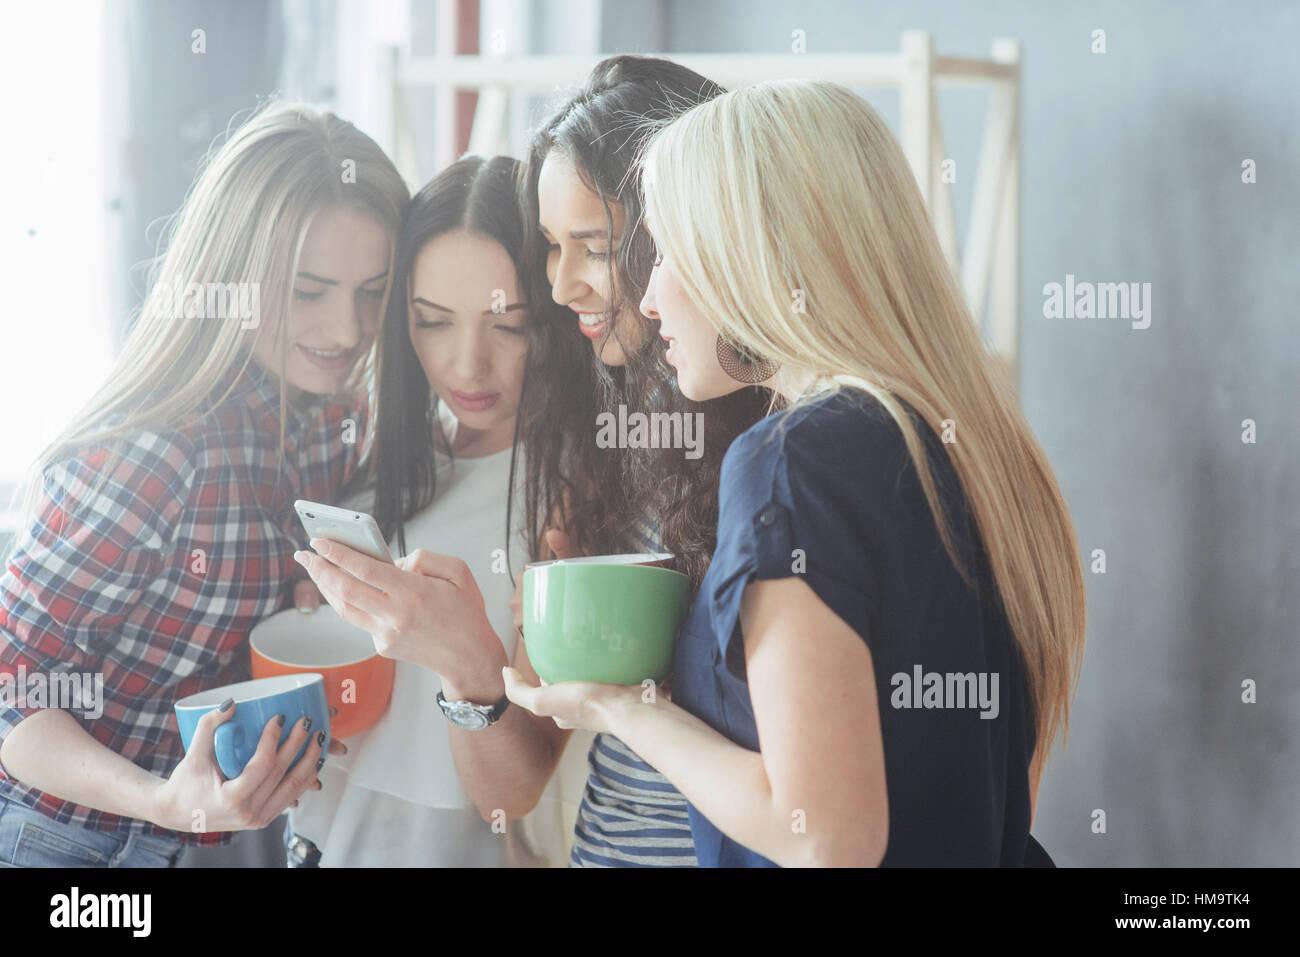 Beau groupe de jeunes bénéficiant de la conversation et de boire du café, meilleurs amis des filles Photo Stock